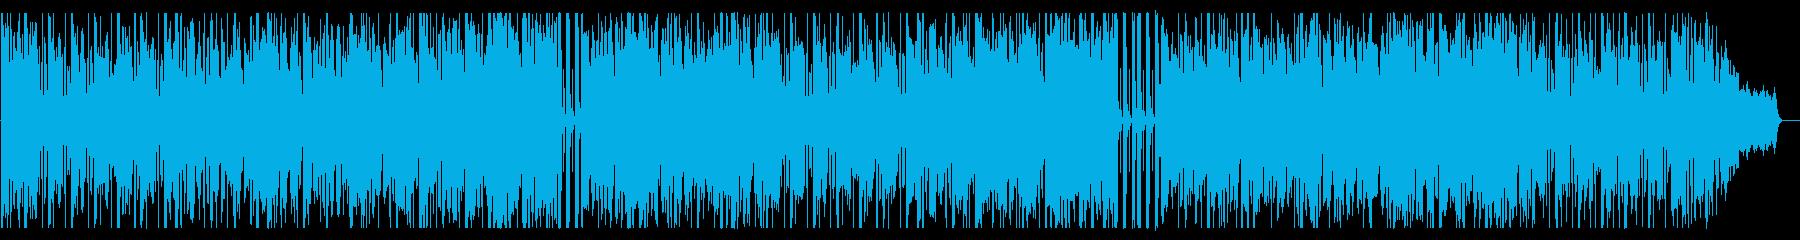 アシッドジャズ風のブラスの再生済みの波形